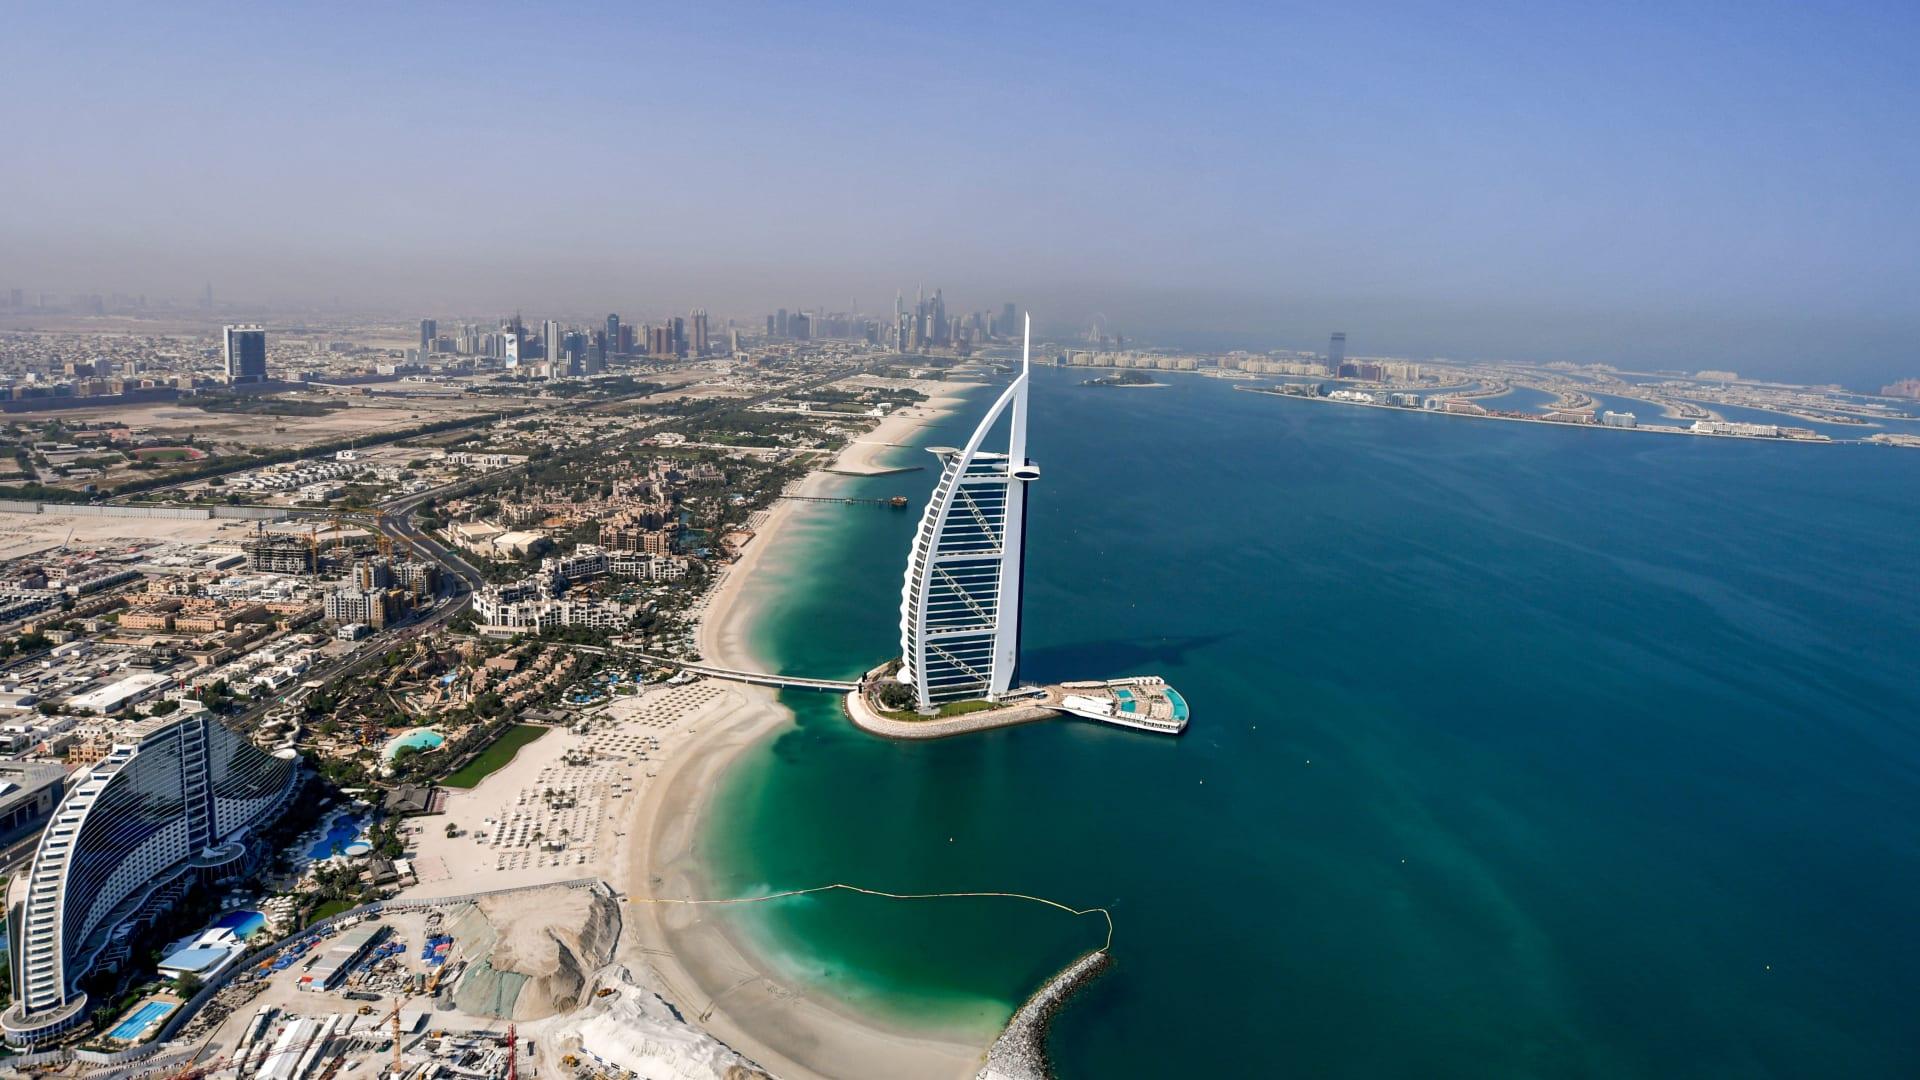 الإمارات تعلن السماح بعدم إلزامية ارتداء الكمامات في هذه الأماكن